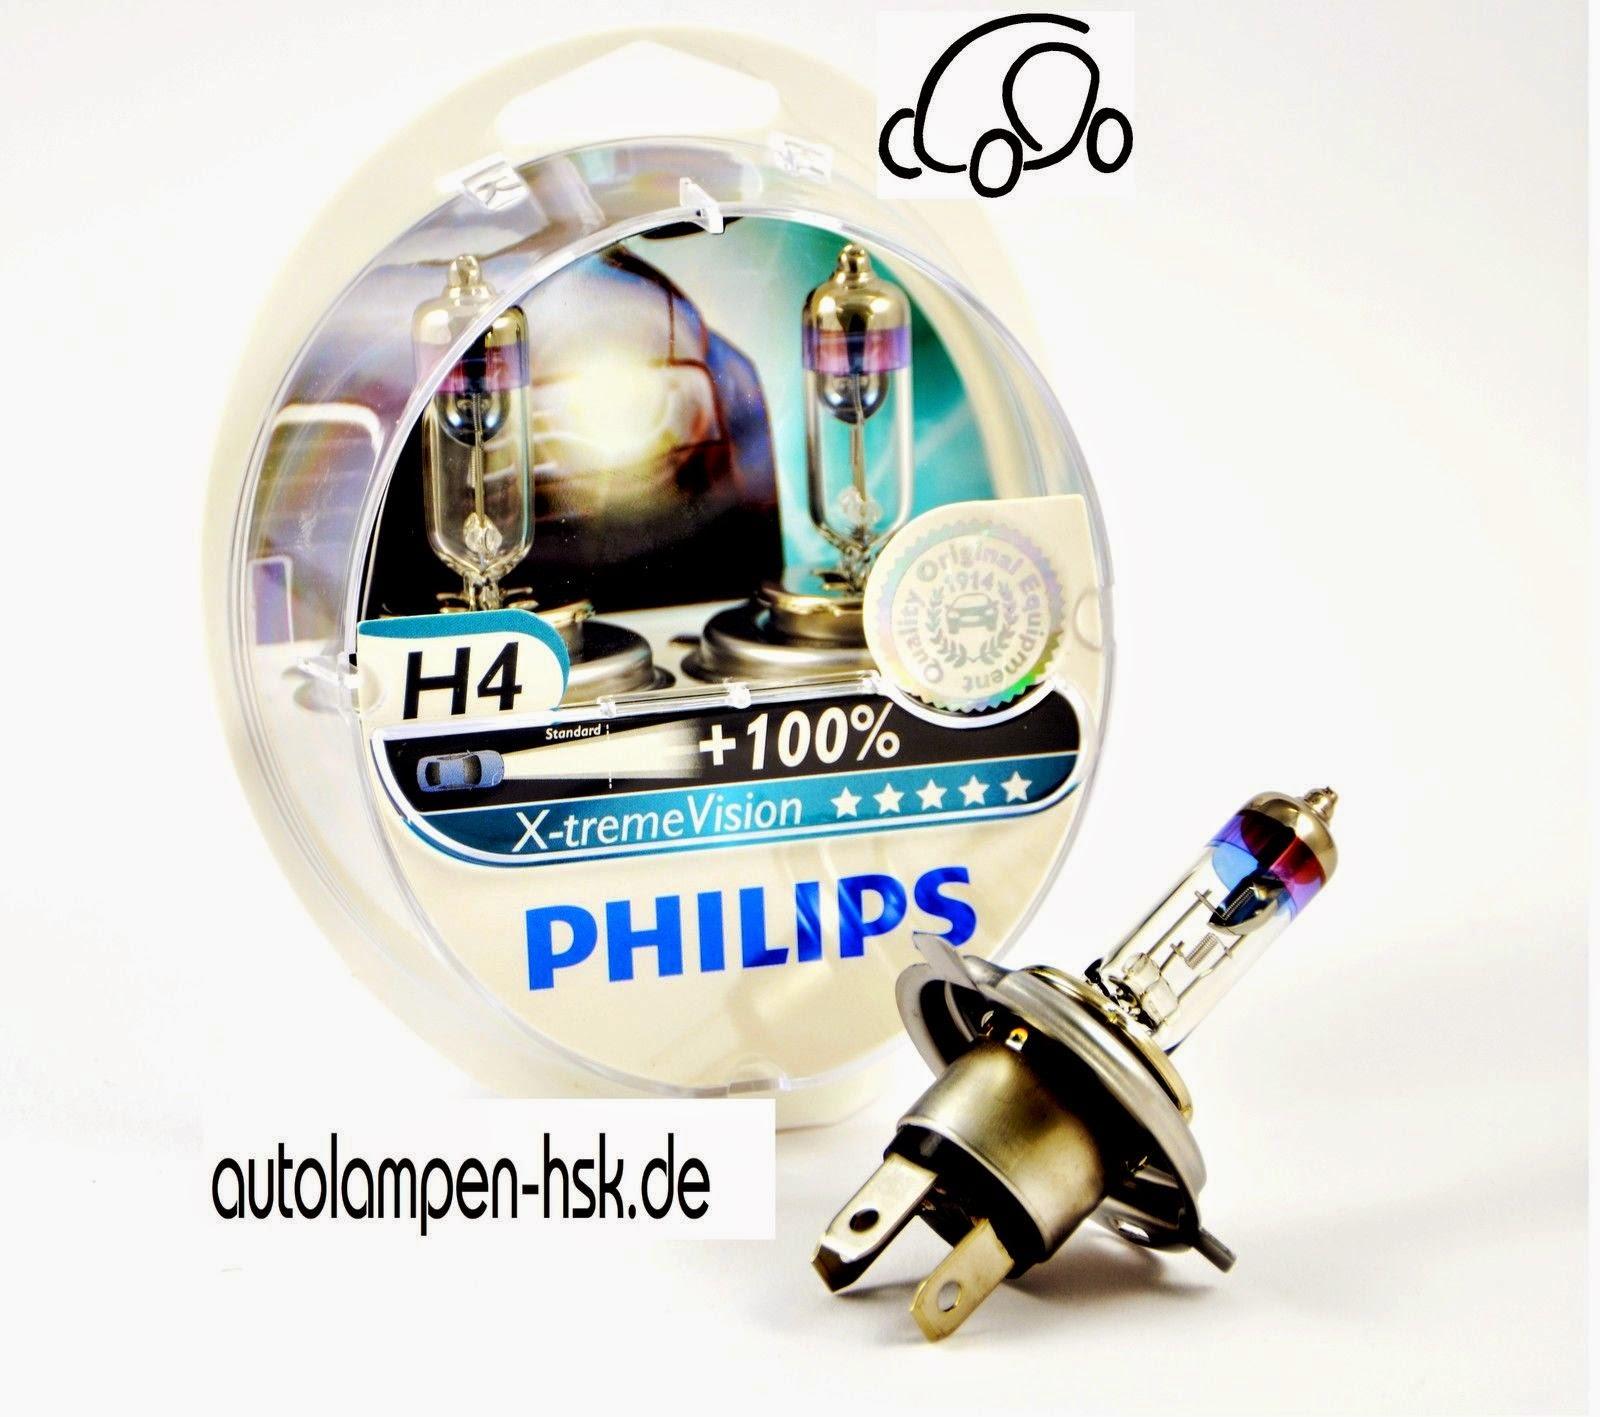 Philips H4 X-treme Vision +100% mehr Licht 2er Set ++TOP PREIS++